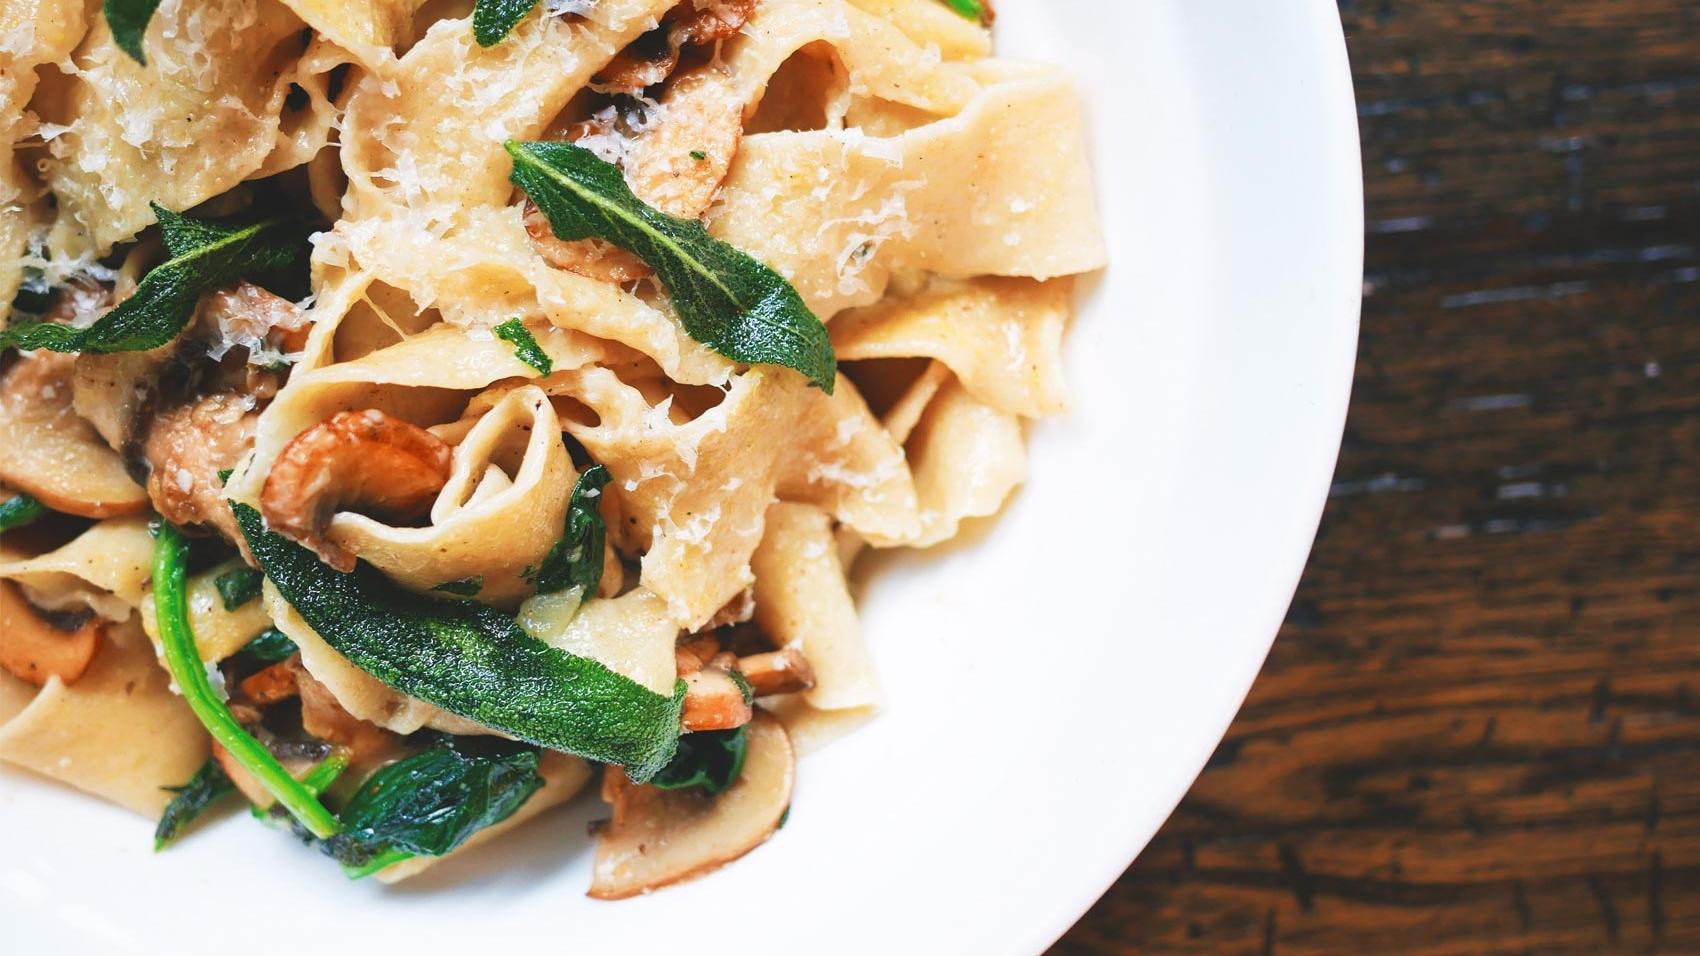 nittonarton food tagliatelle mushrooms